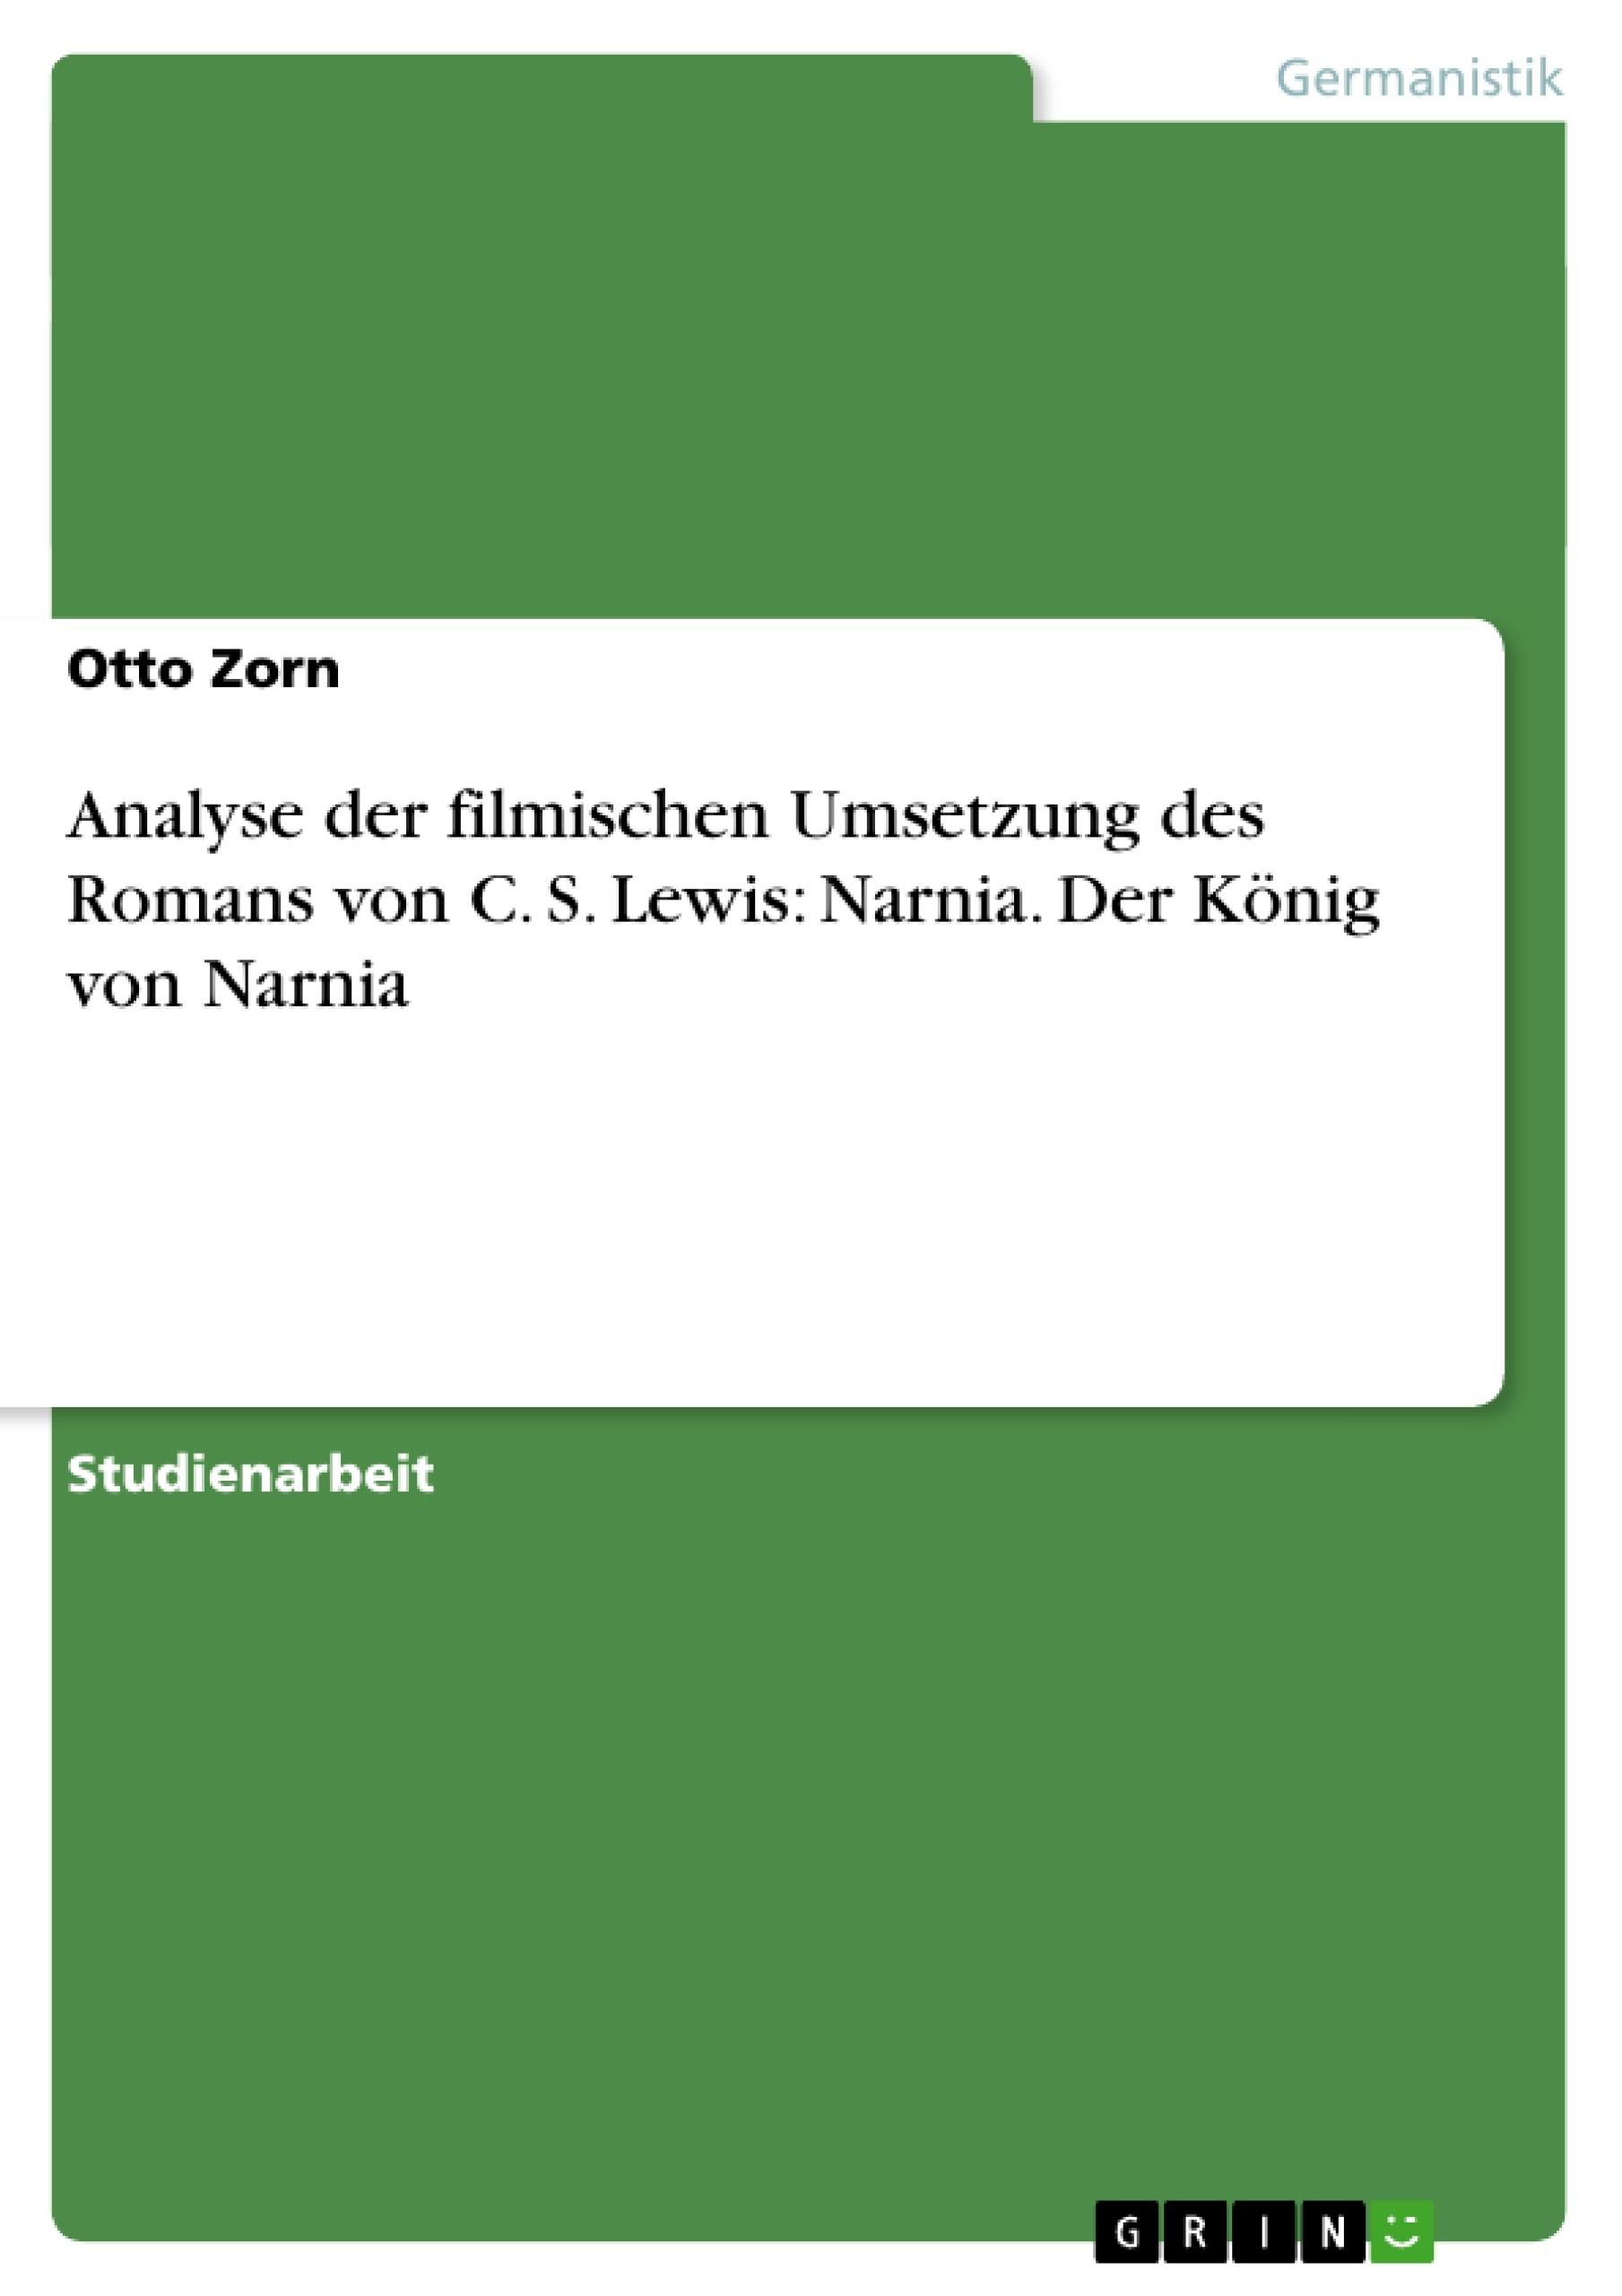 Titel: Analyse der filmischen Umsetzung des Romans von C. S. Lewis: Narnia. Der König von Narnia